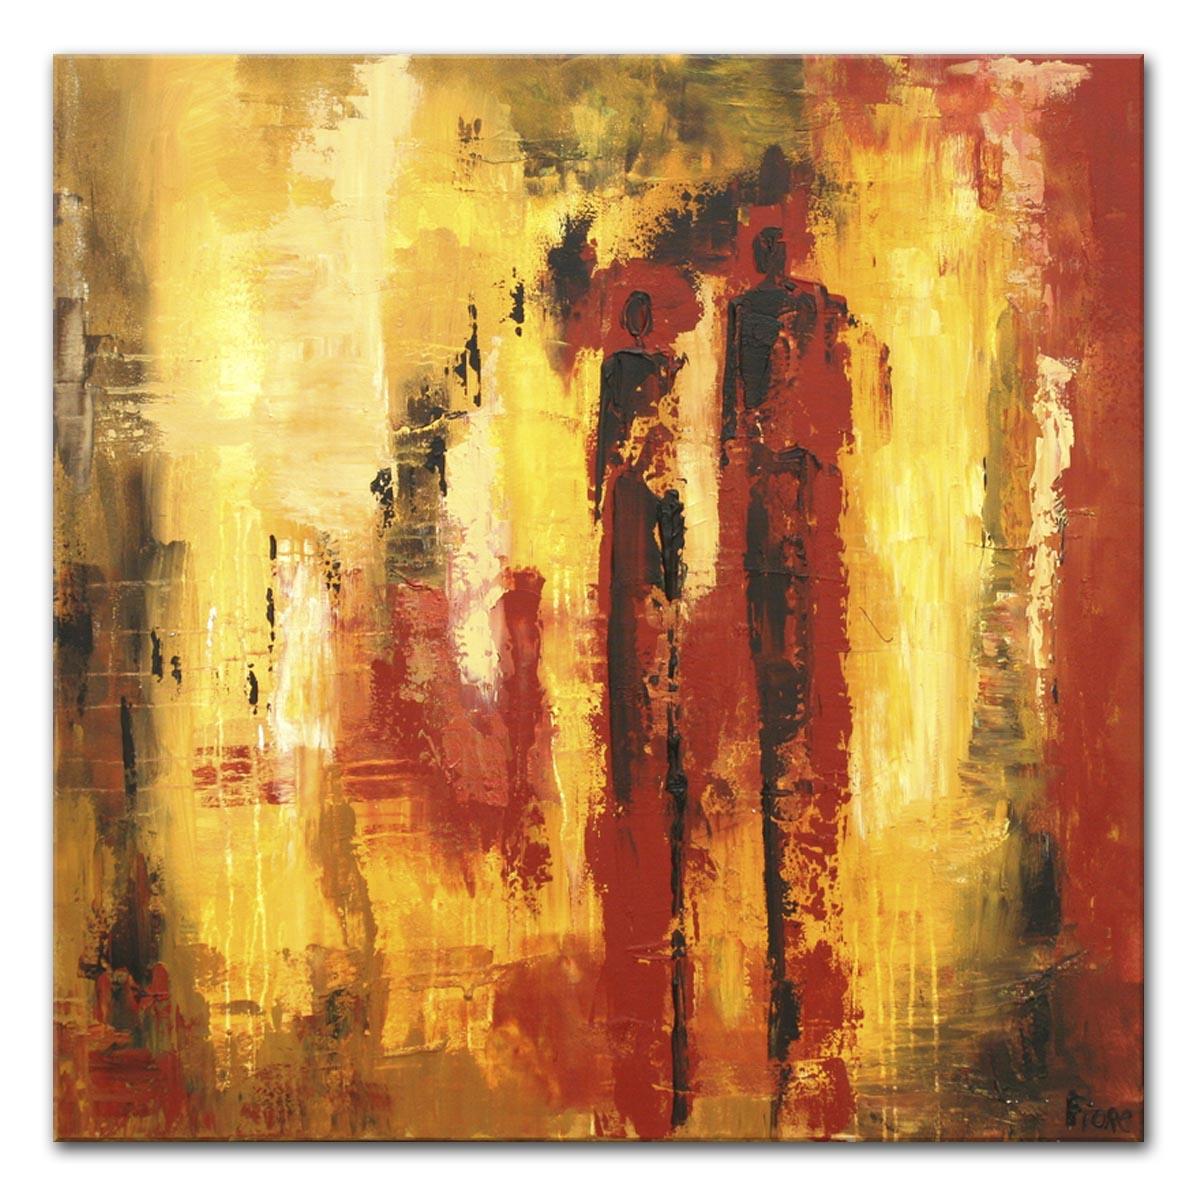 Extreem Abstracte schilderijen : Jupiter 90x90 cm #XN58